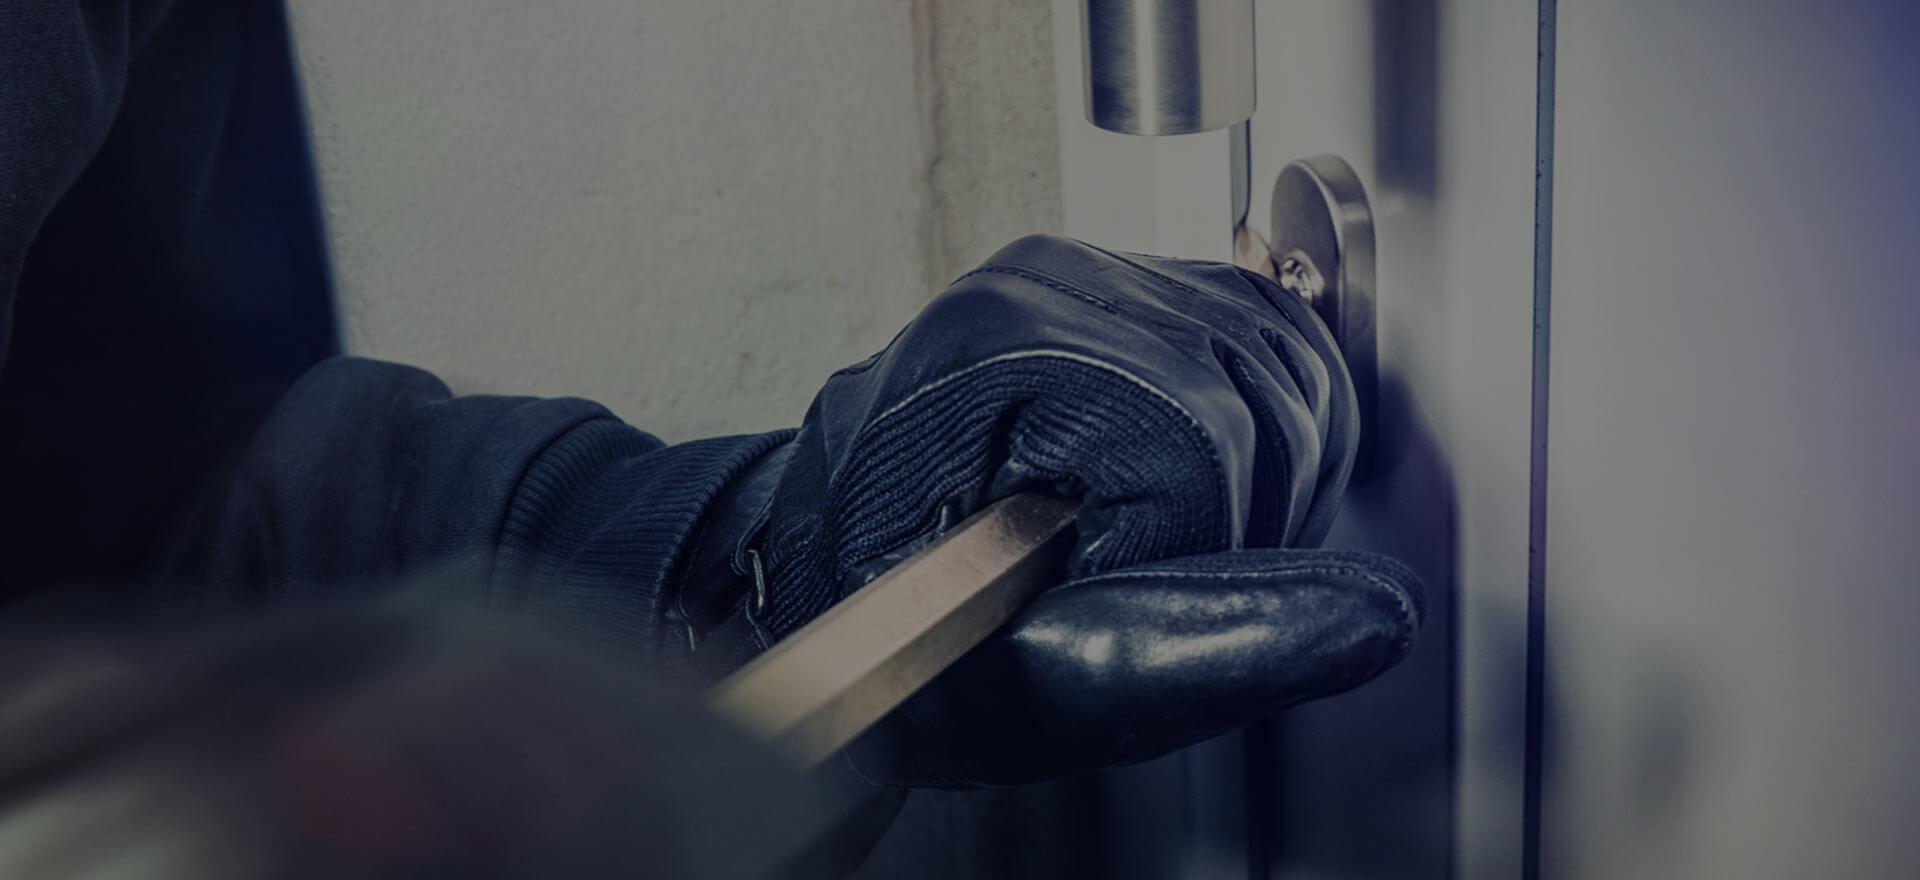 Alarma contra robo en el hogar